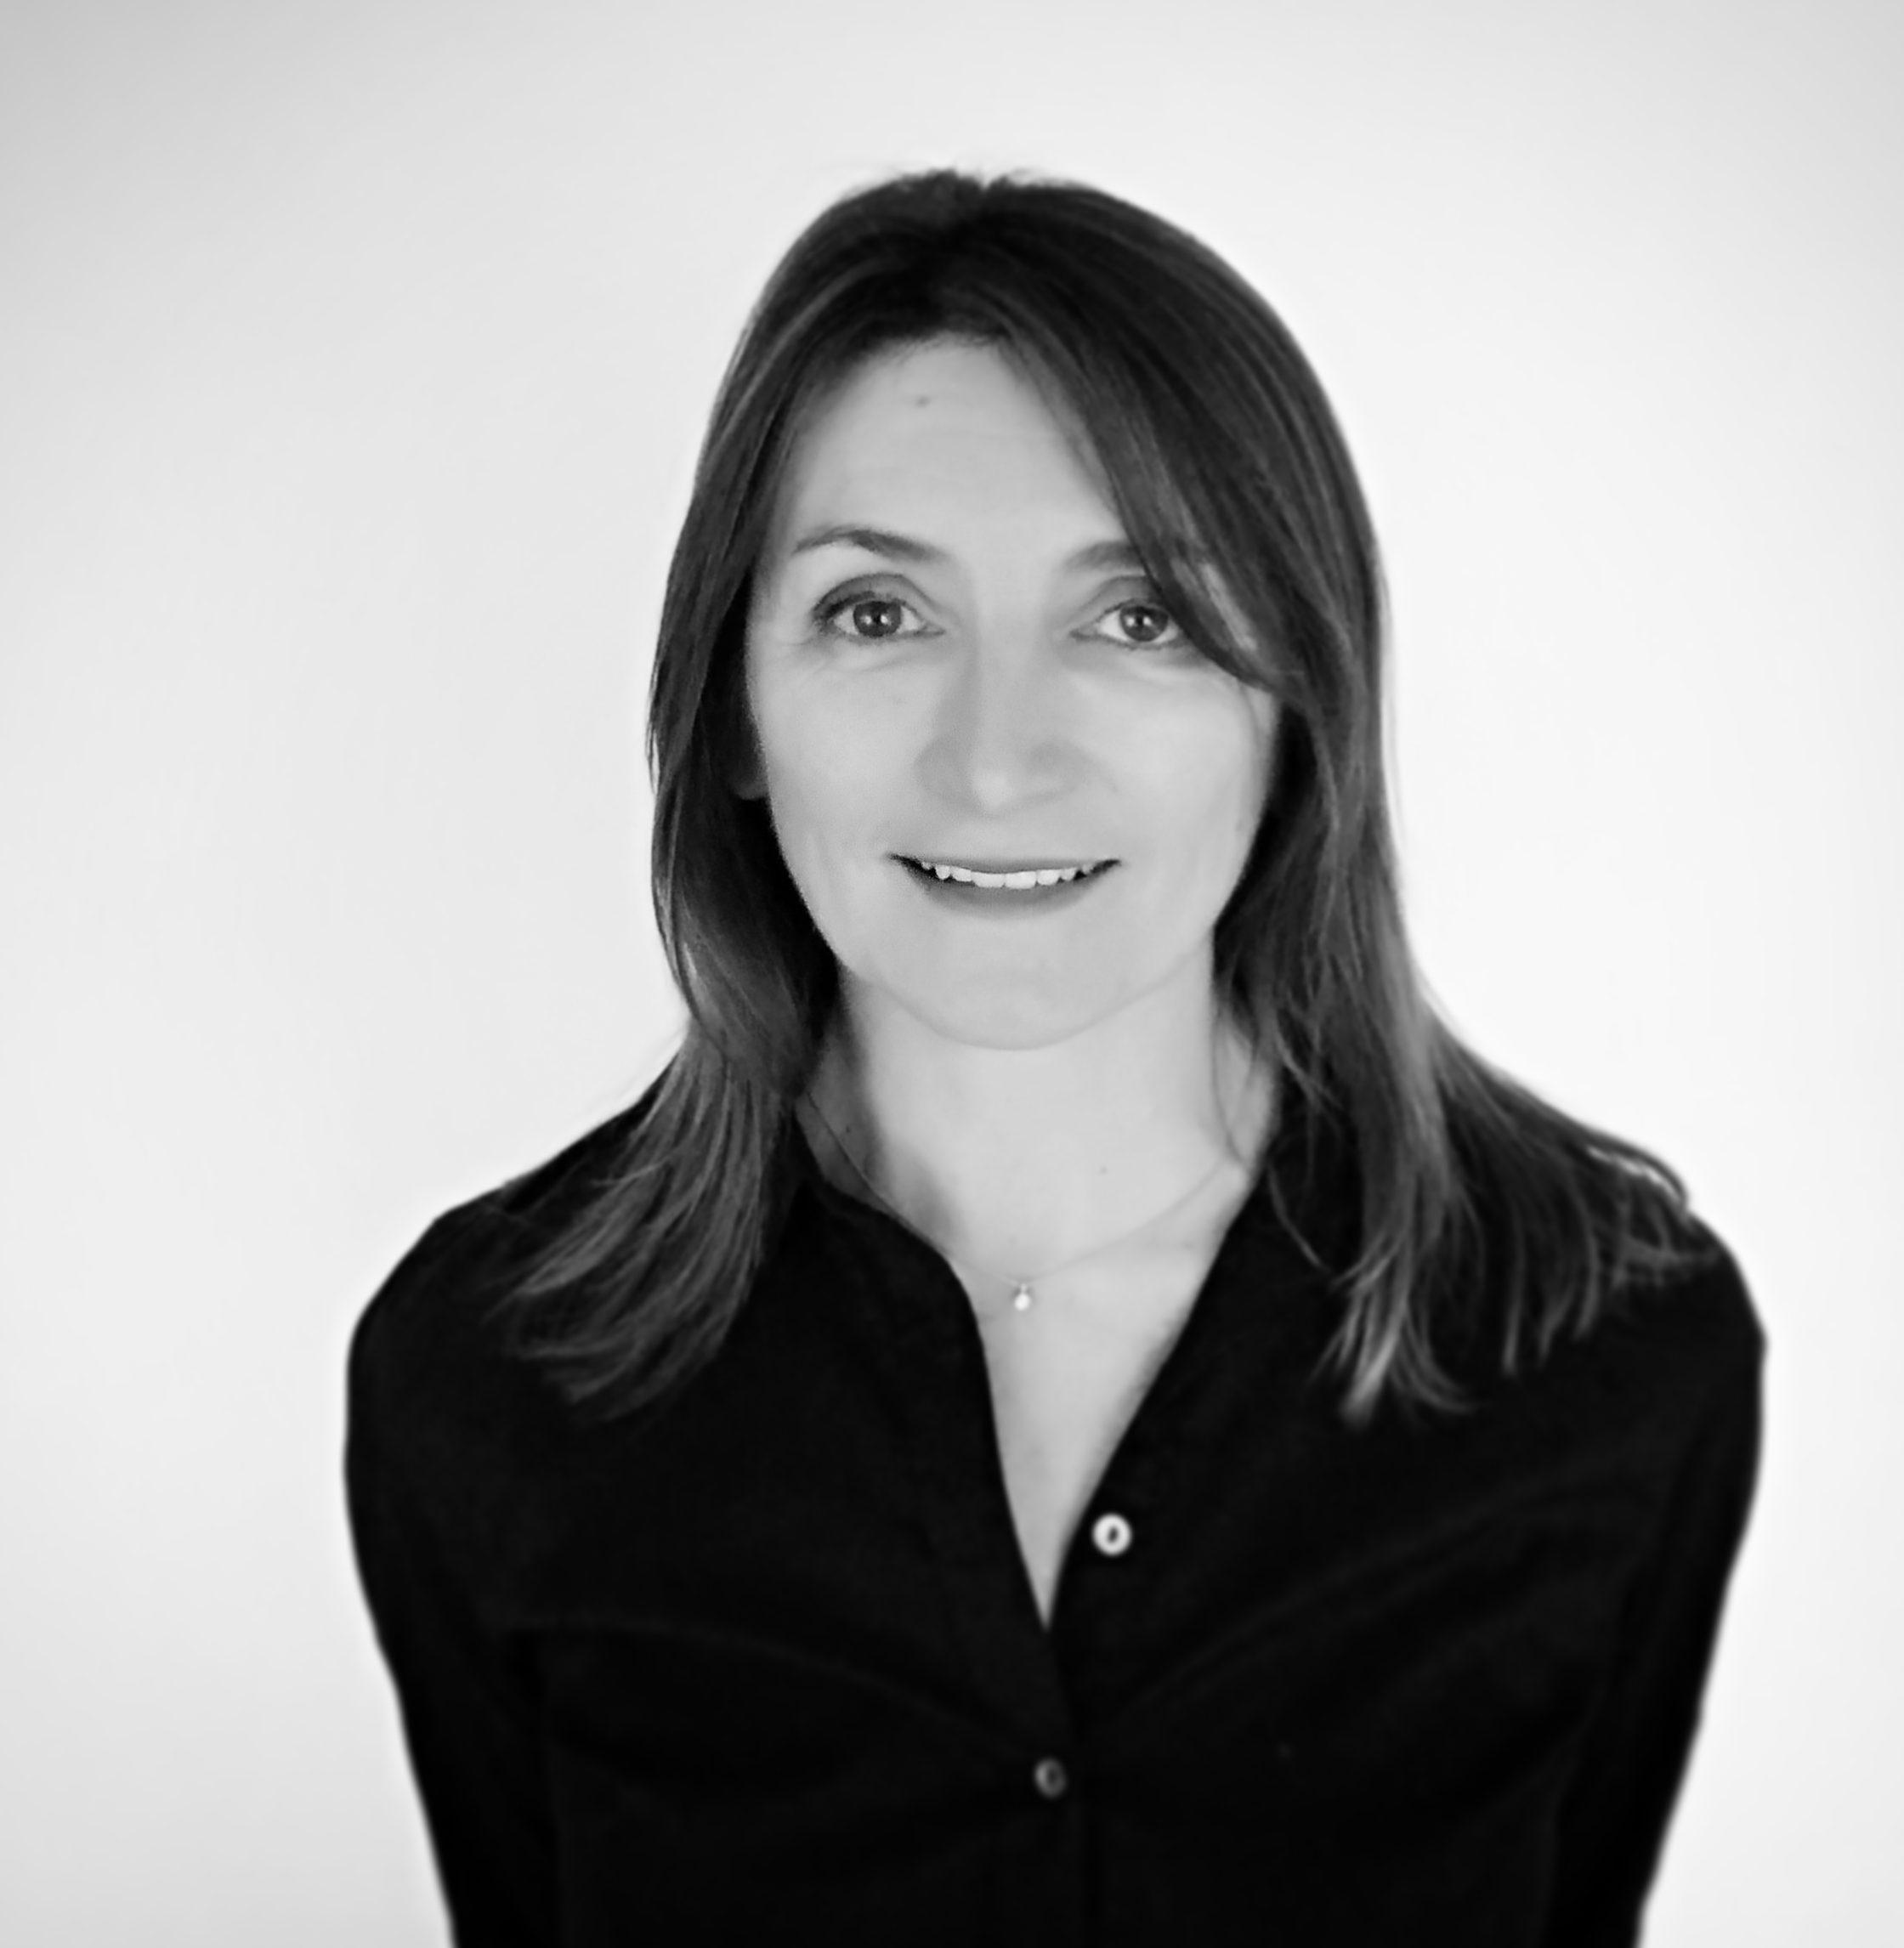 Françoise Le Vezu